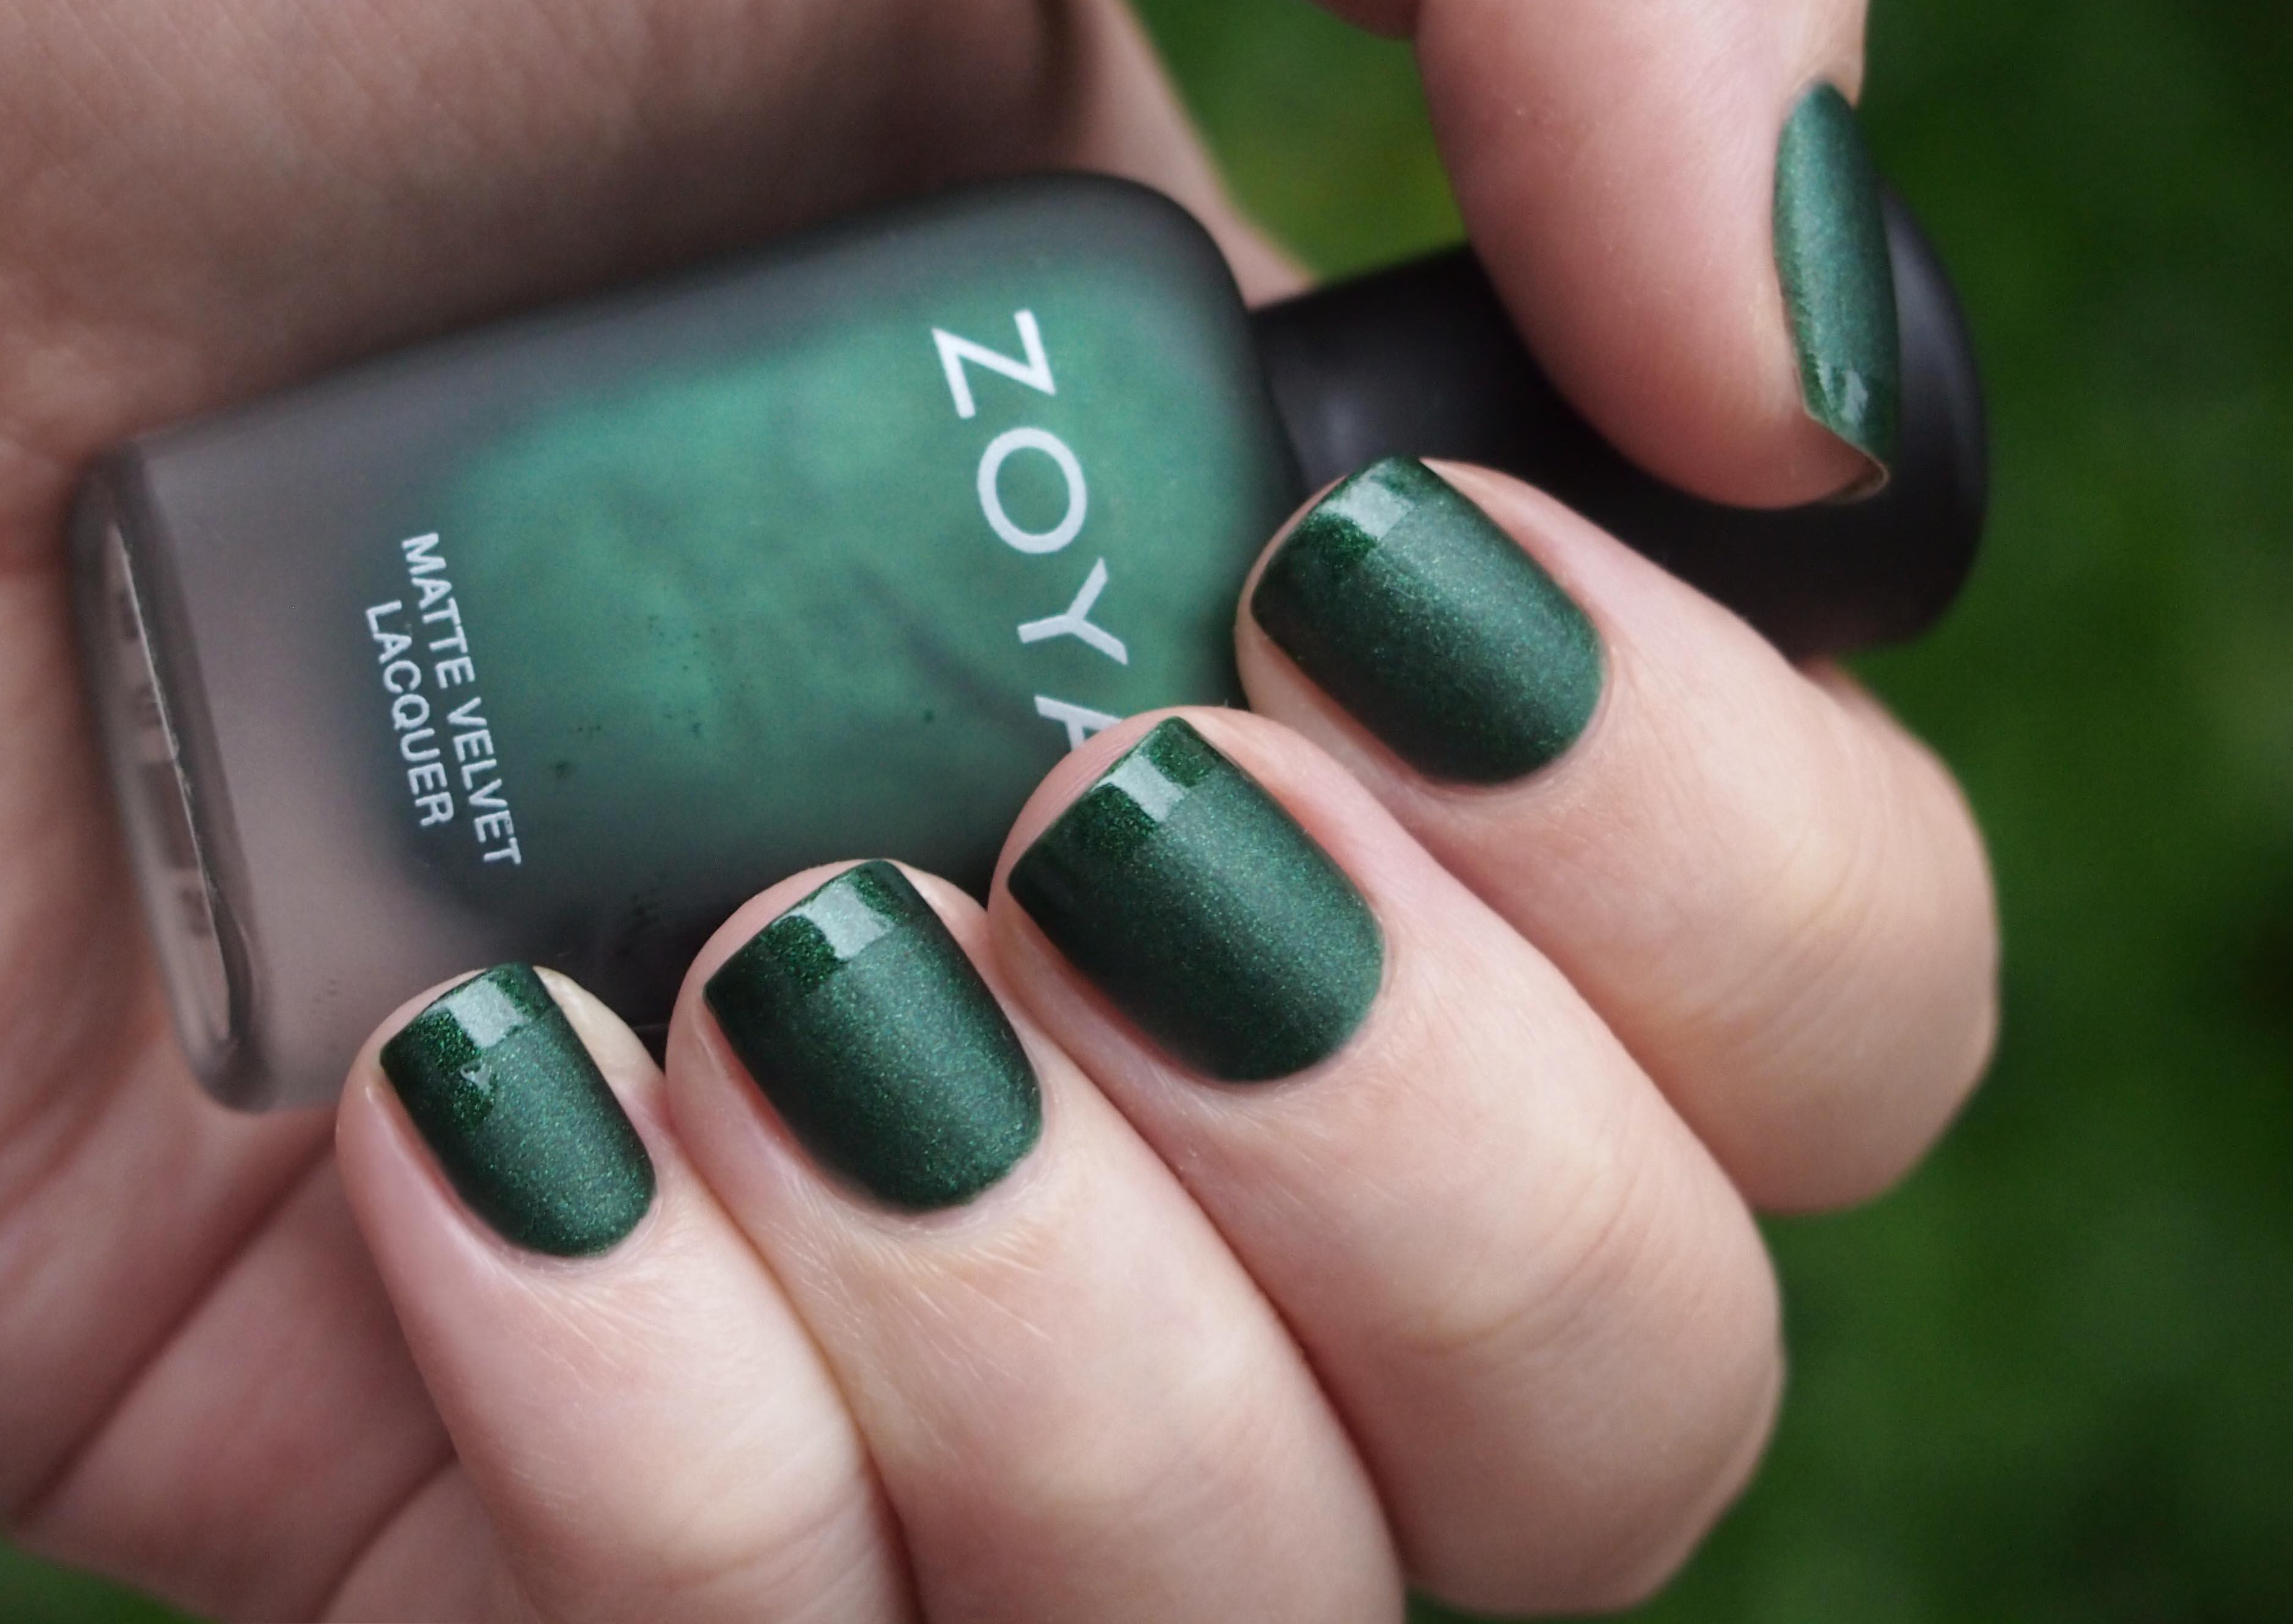 zelenyj-manikyur-2017-foto_6